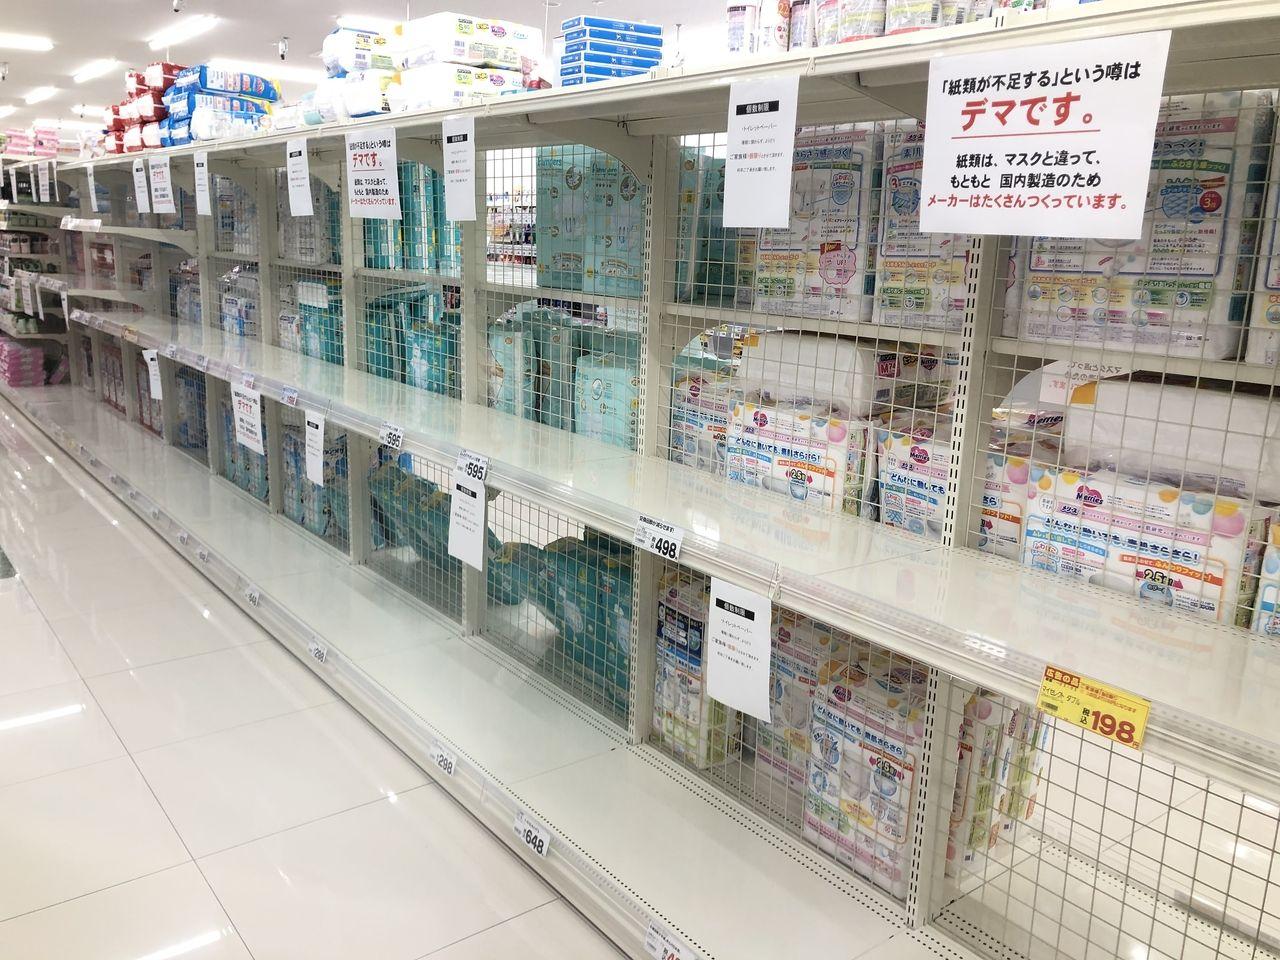 鹿児島市内は依然としてティッシュペーパーなどは品薄です。いつ入荷するのか。